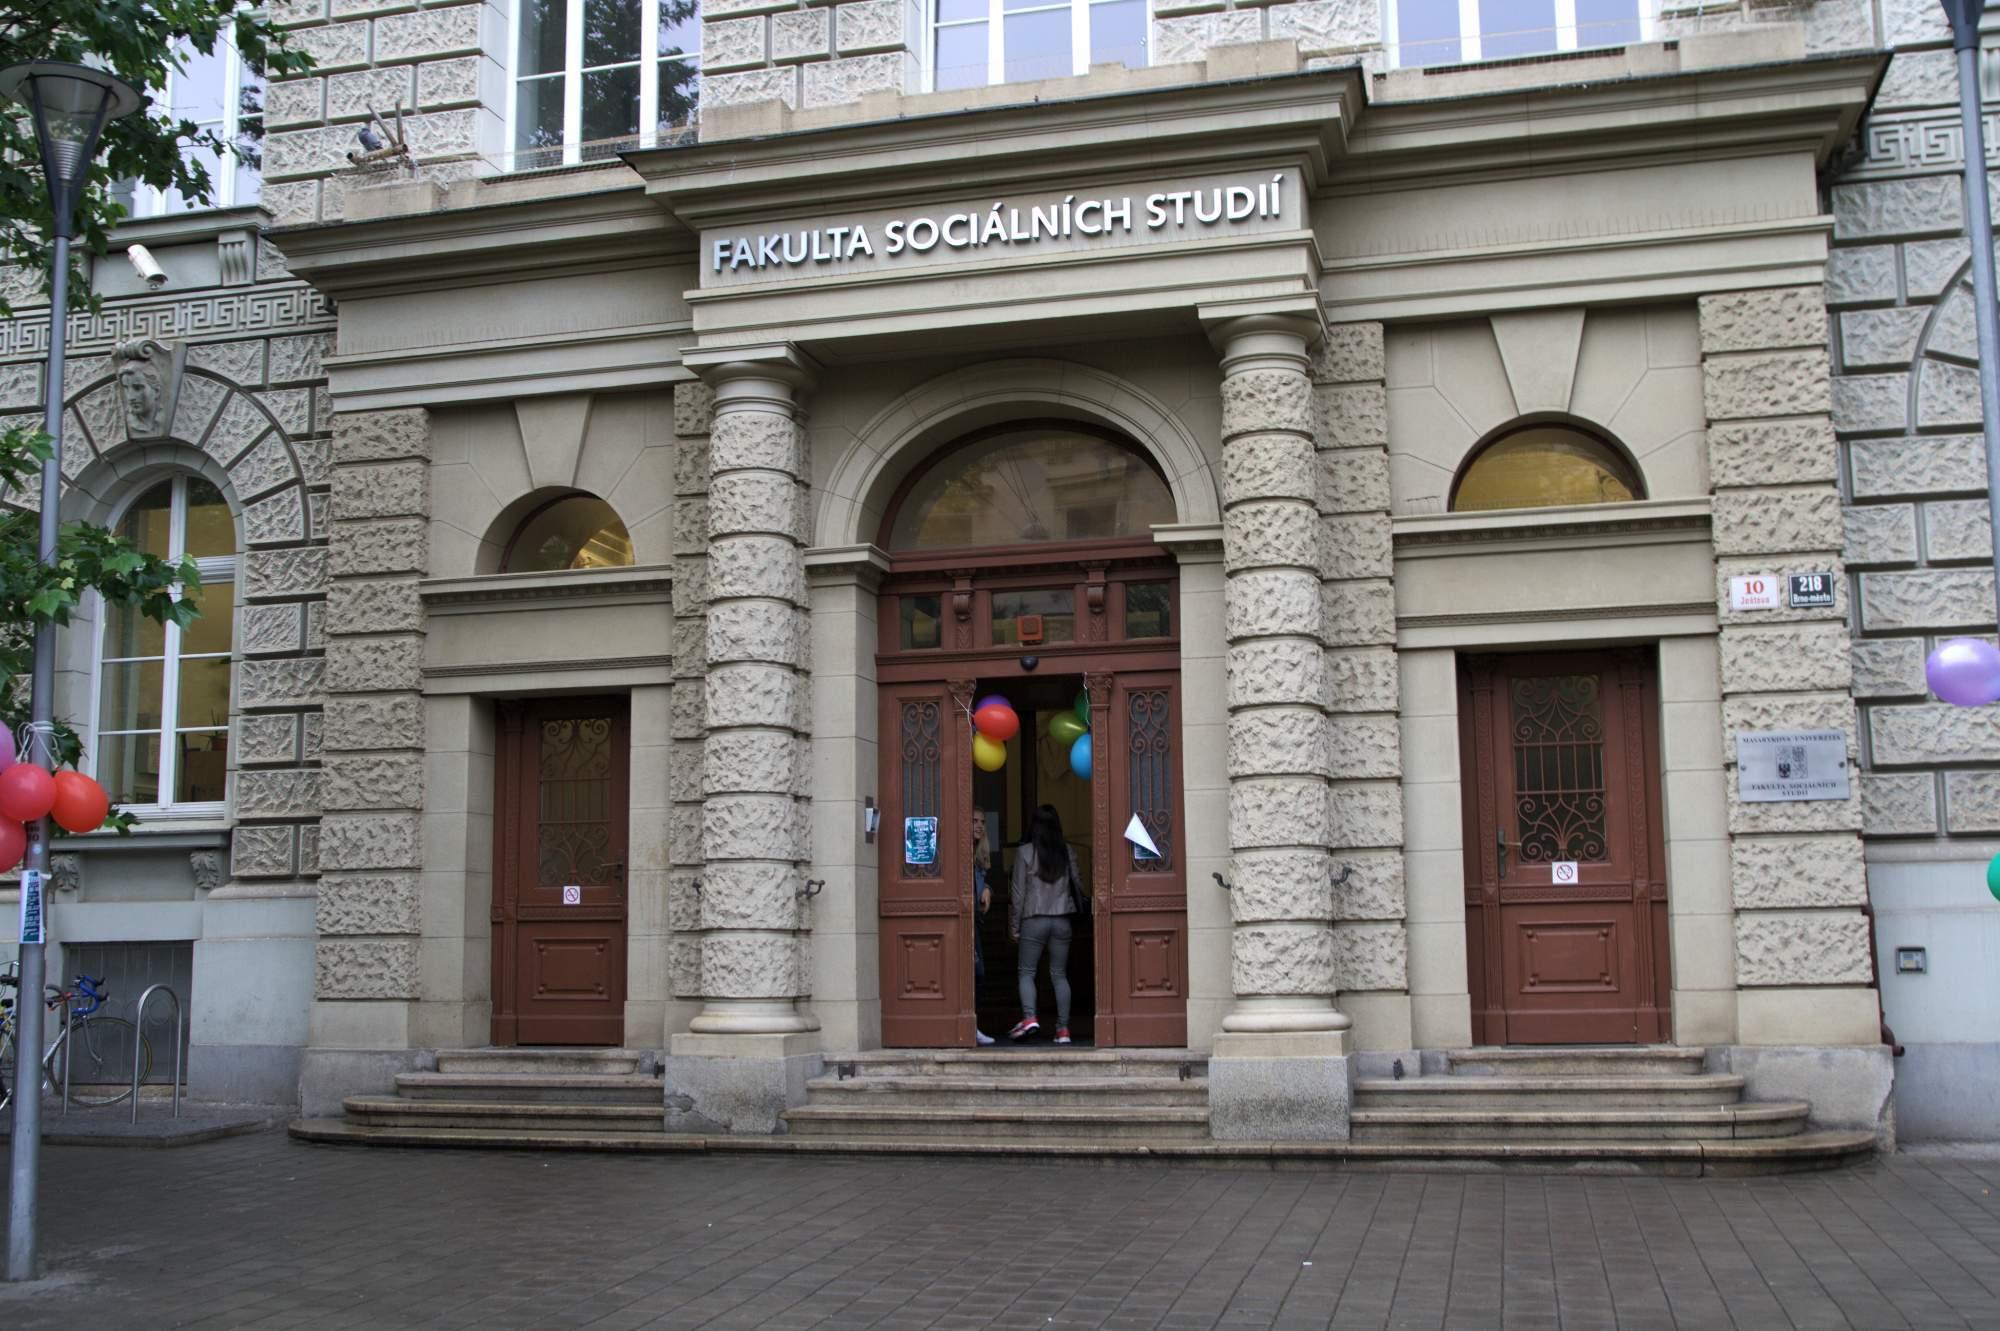 Fakulta sociálních studí slavila dvacet let. U vstupu lákaly návštěníky balónky. Foto: Martina Hykšová